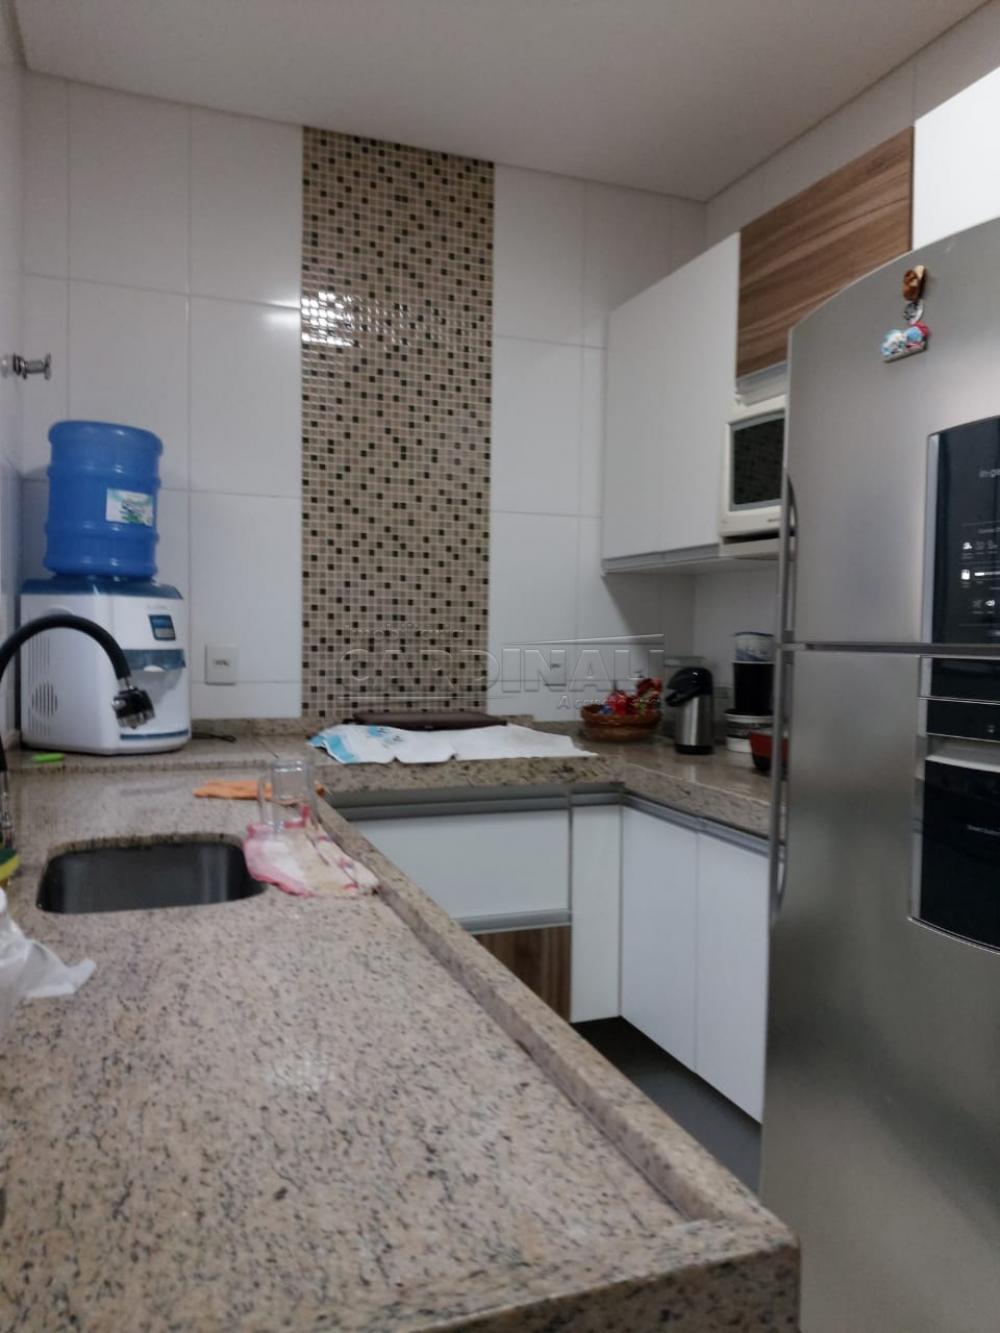 Comprar Casa / Padrão em São Carlos R$ 636.000,00 - Foto 7